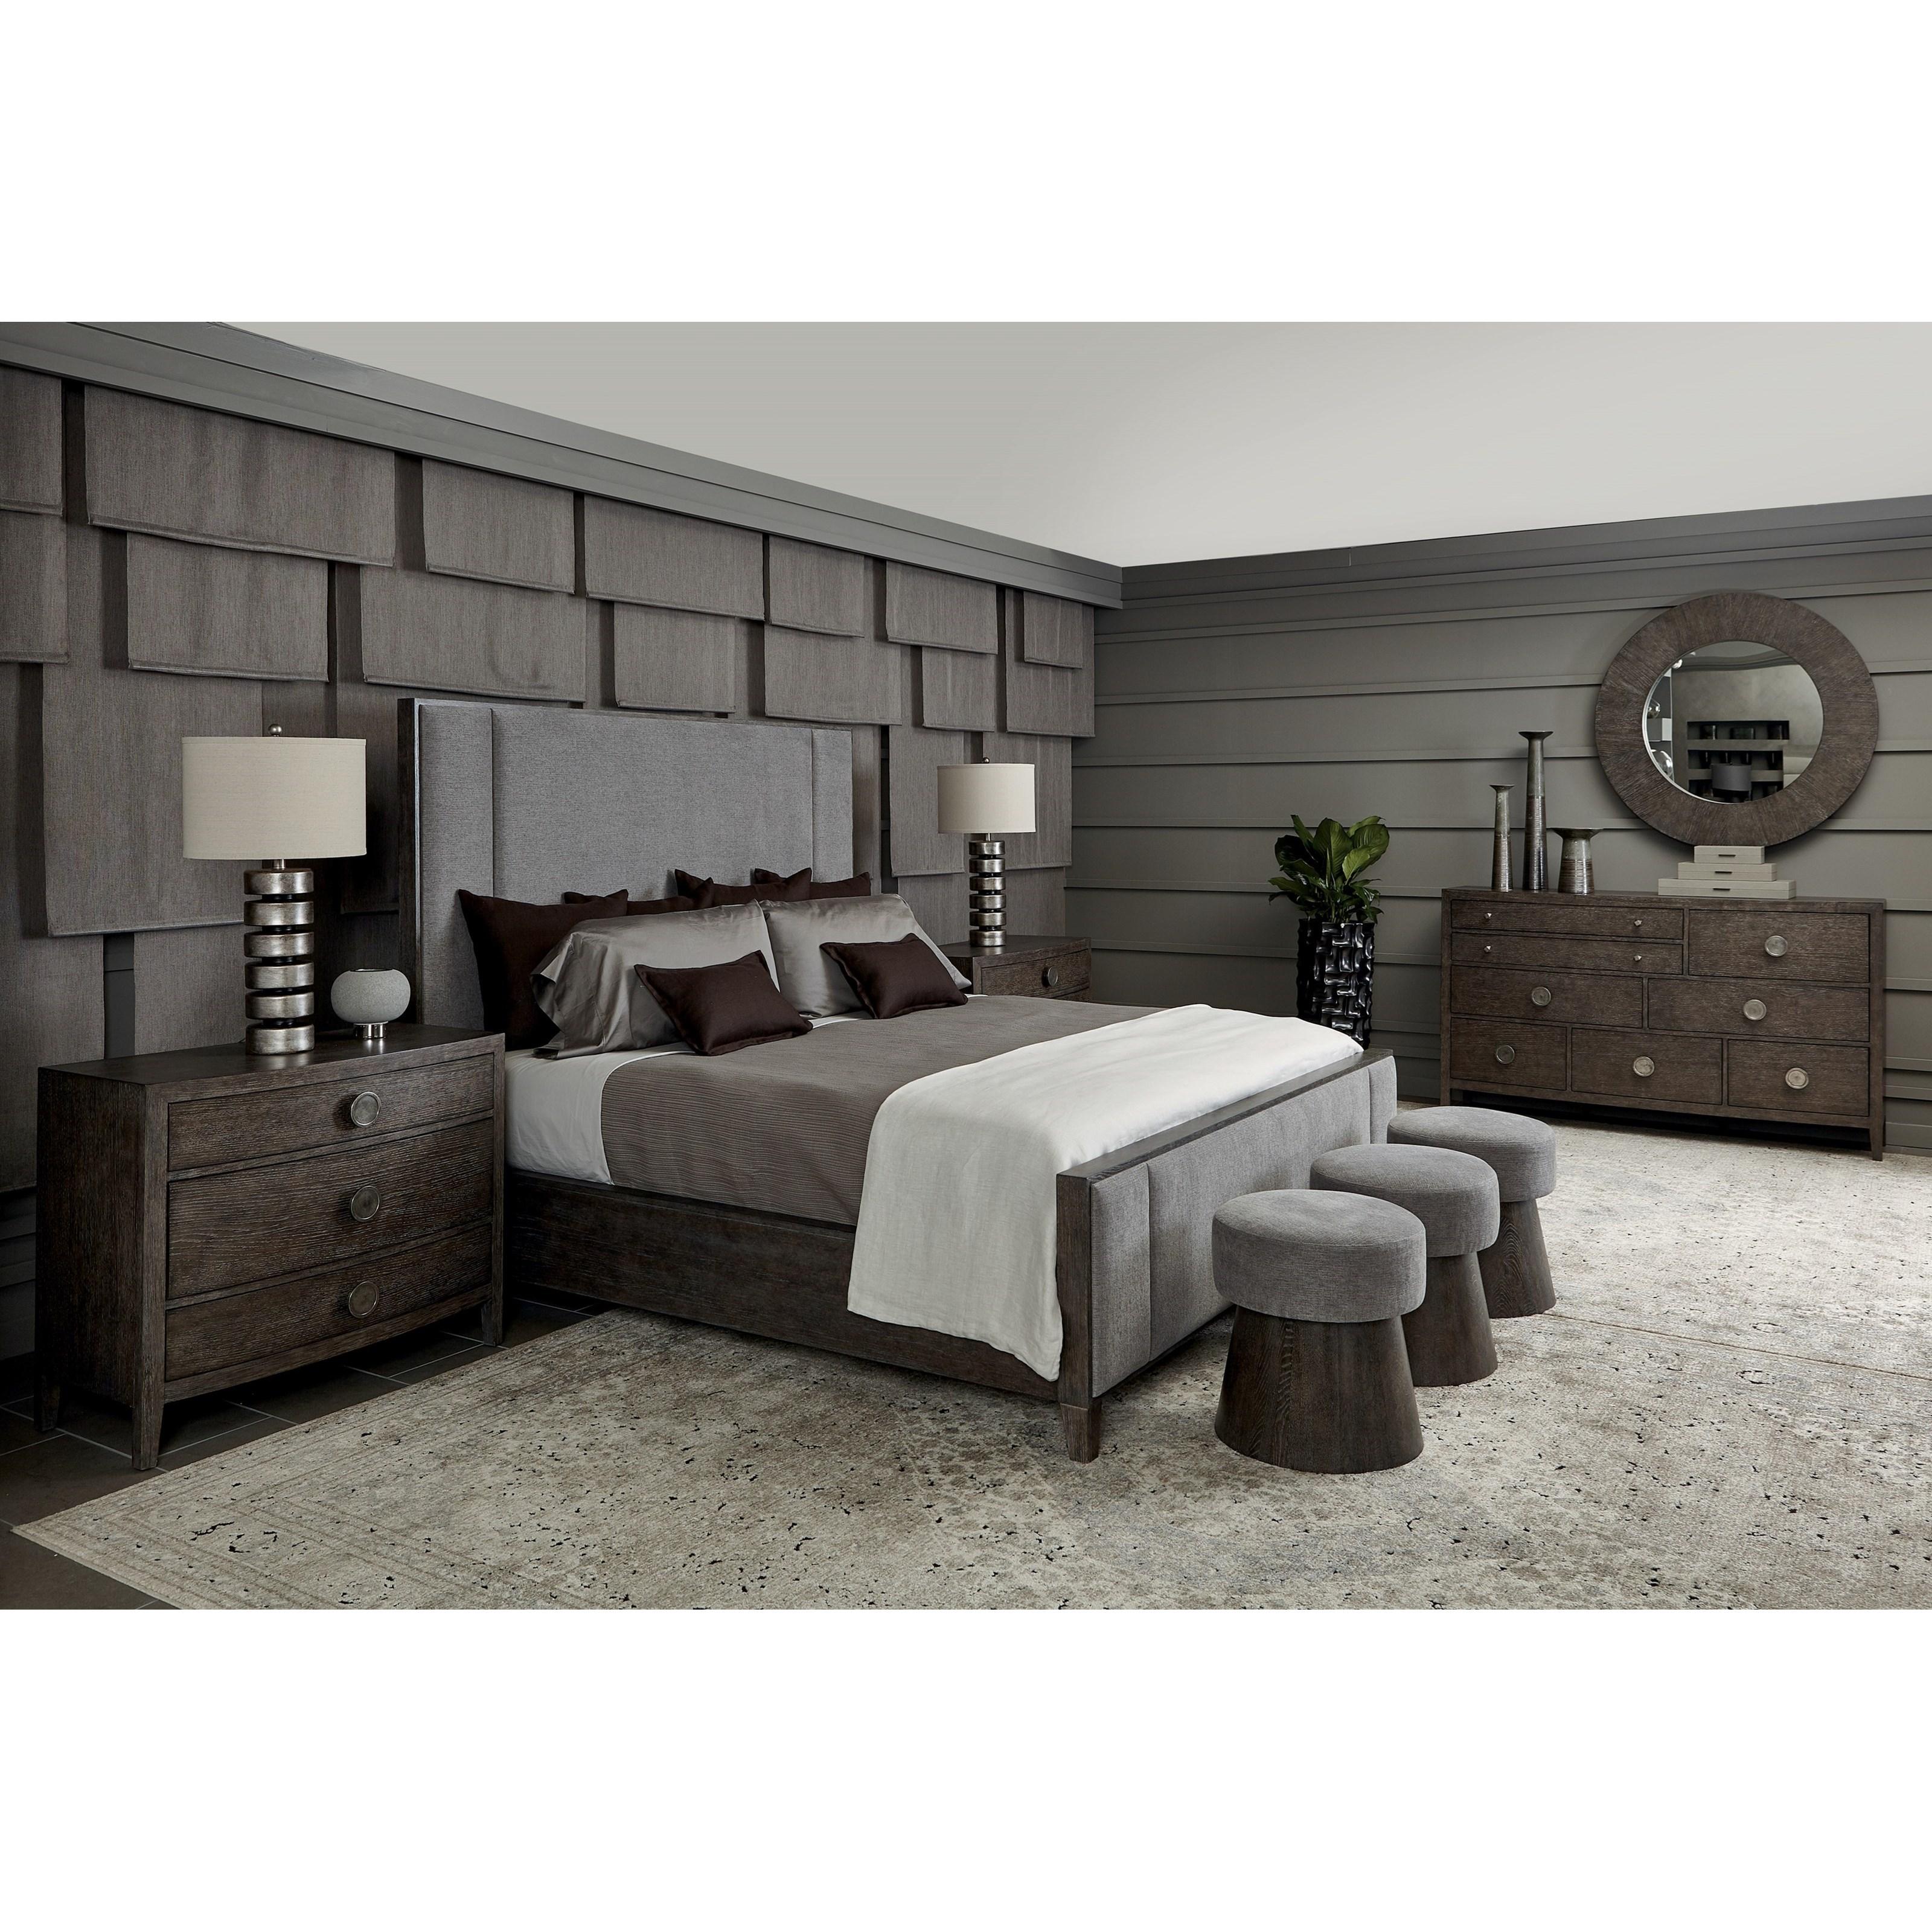 Bernhardt Linea Queen Bedroom Group Jacksonville